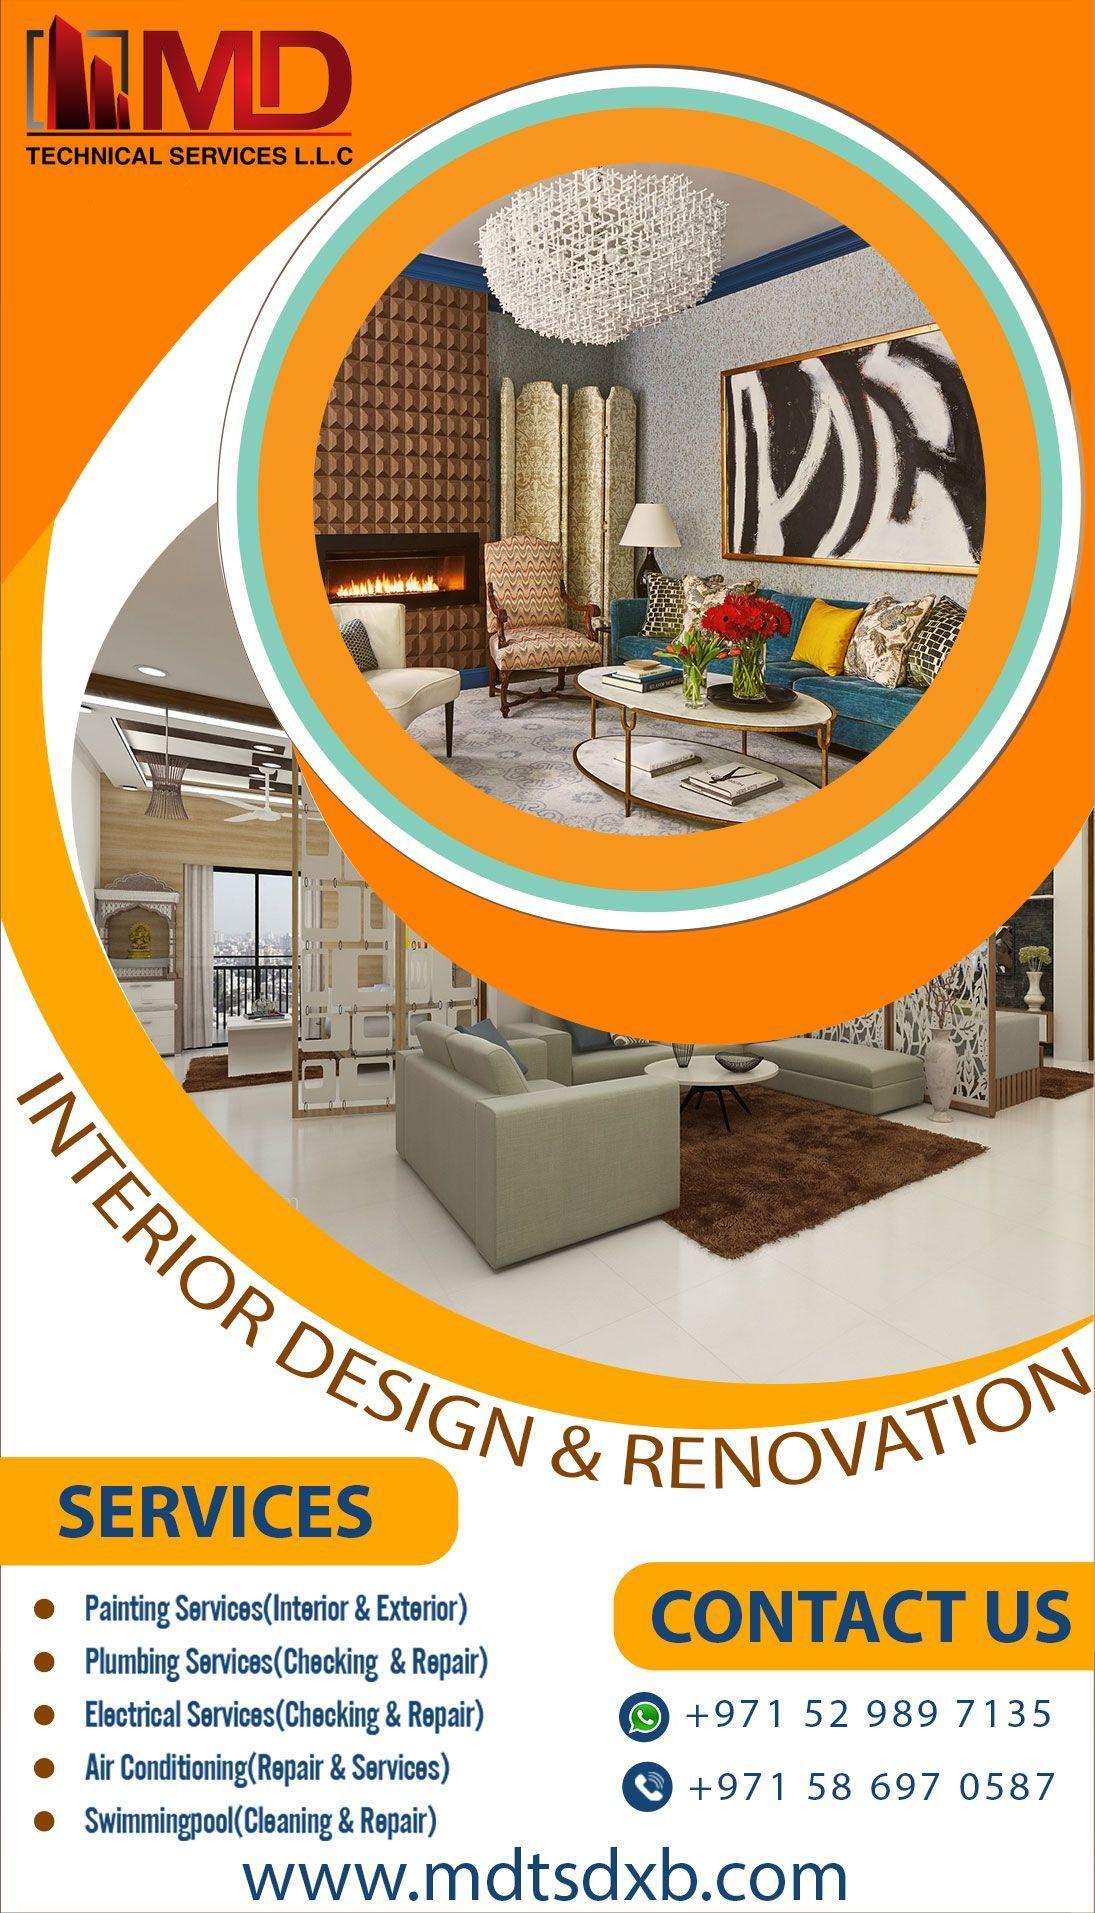 Best Fit Out Renovation Services Dubai Dubai Renovation Services Paverstairs In 2020 Renovation Service Renovations Home Renovation Companies